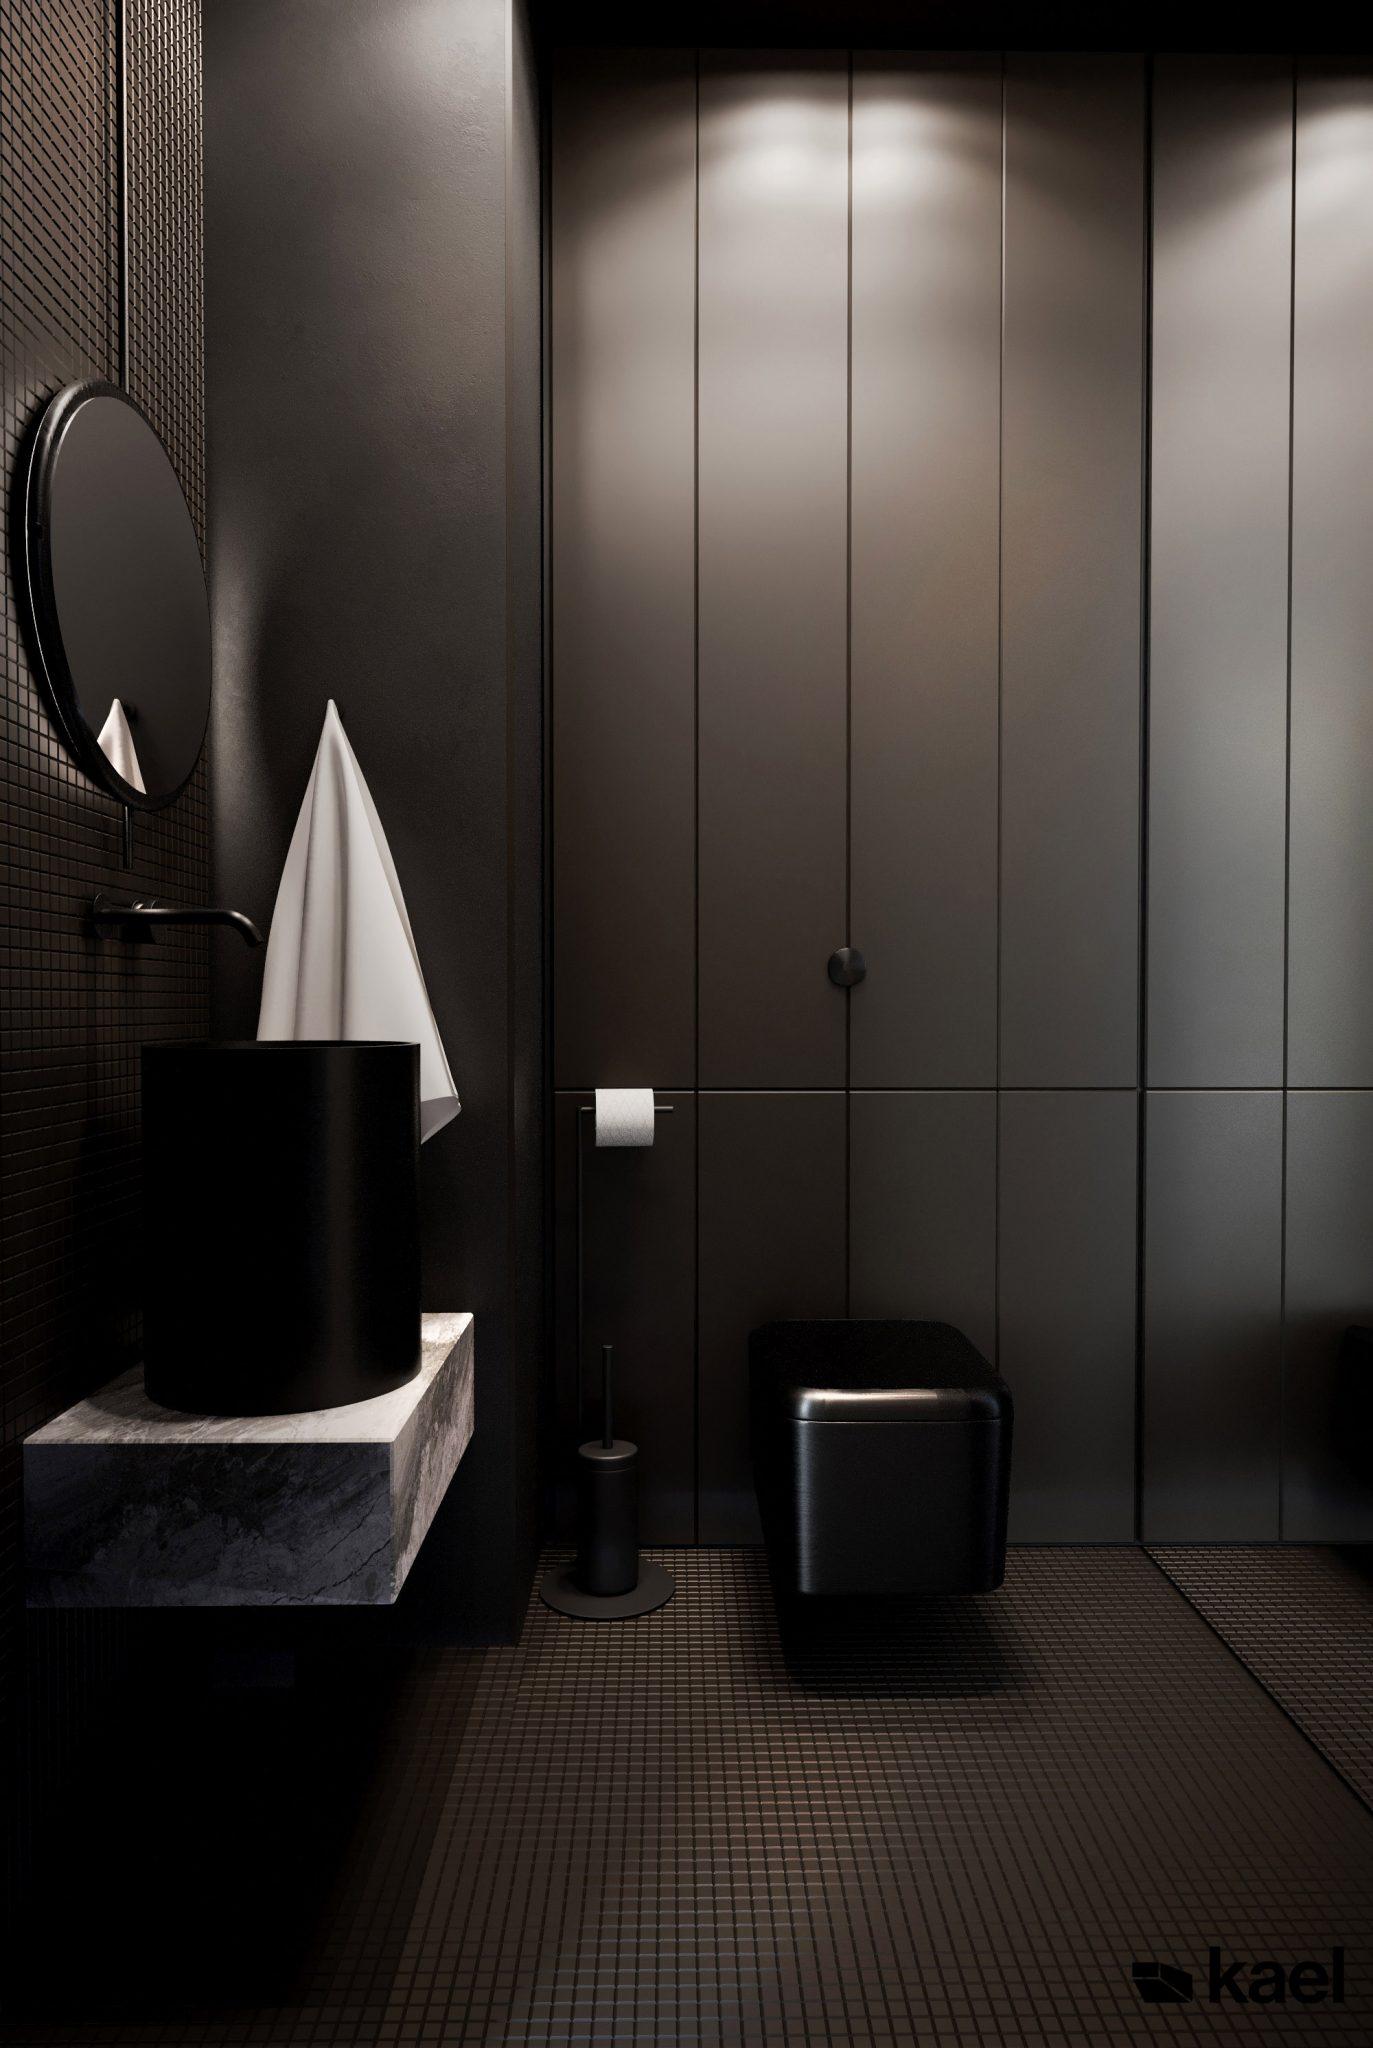 Łazienka z toaletą - Palestera - projekt wnętrza Kael